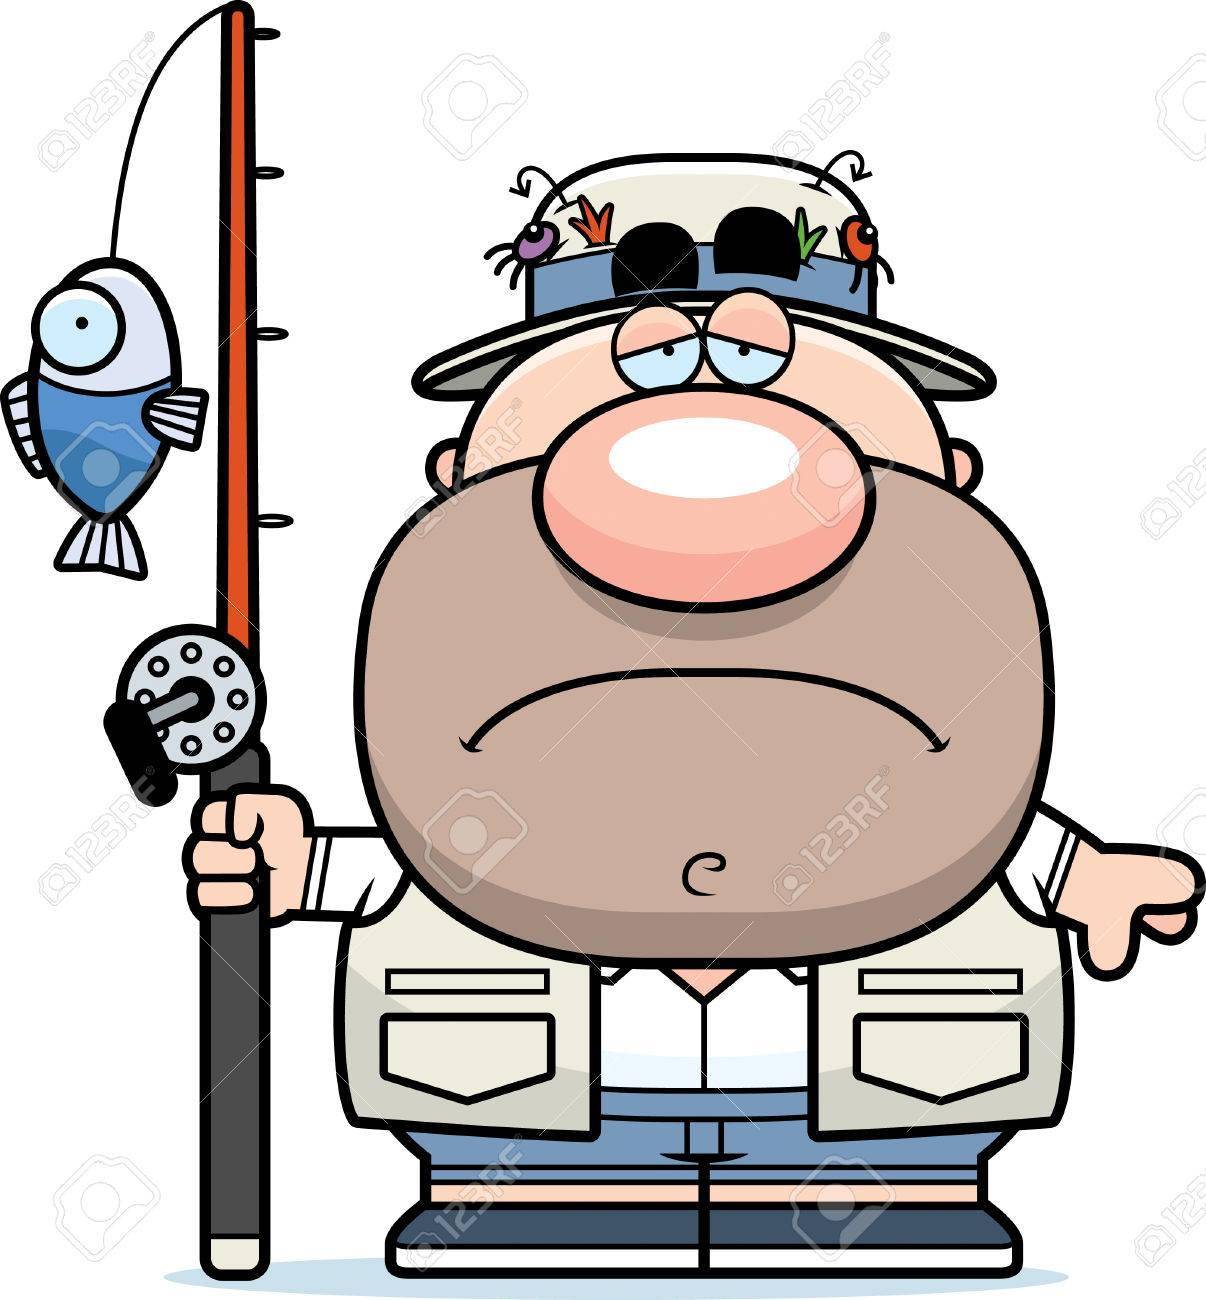 悲しい表情で漁師の漫画イラストのイラスト素材ベクタ Image 44477211